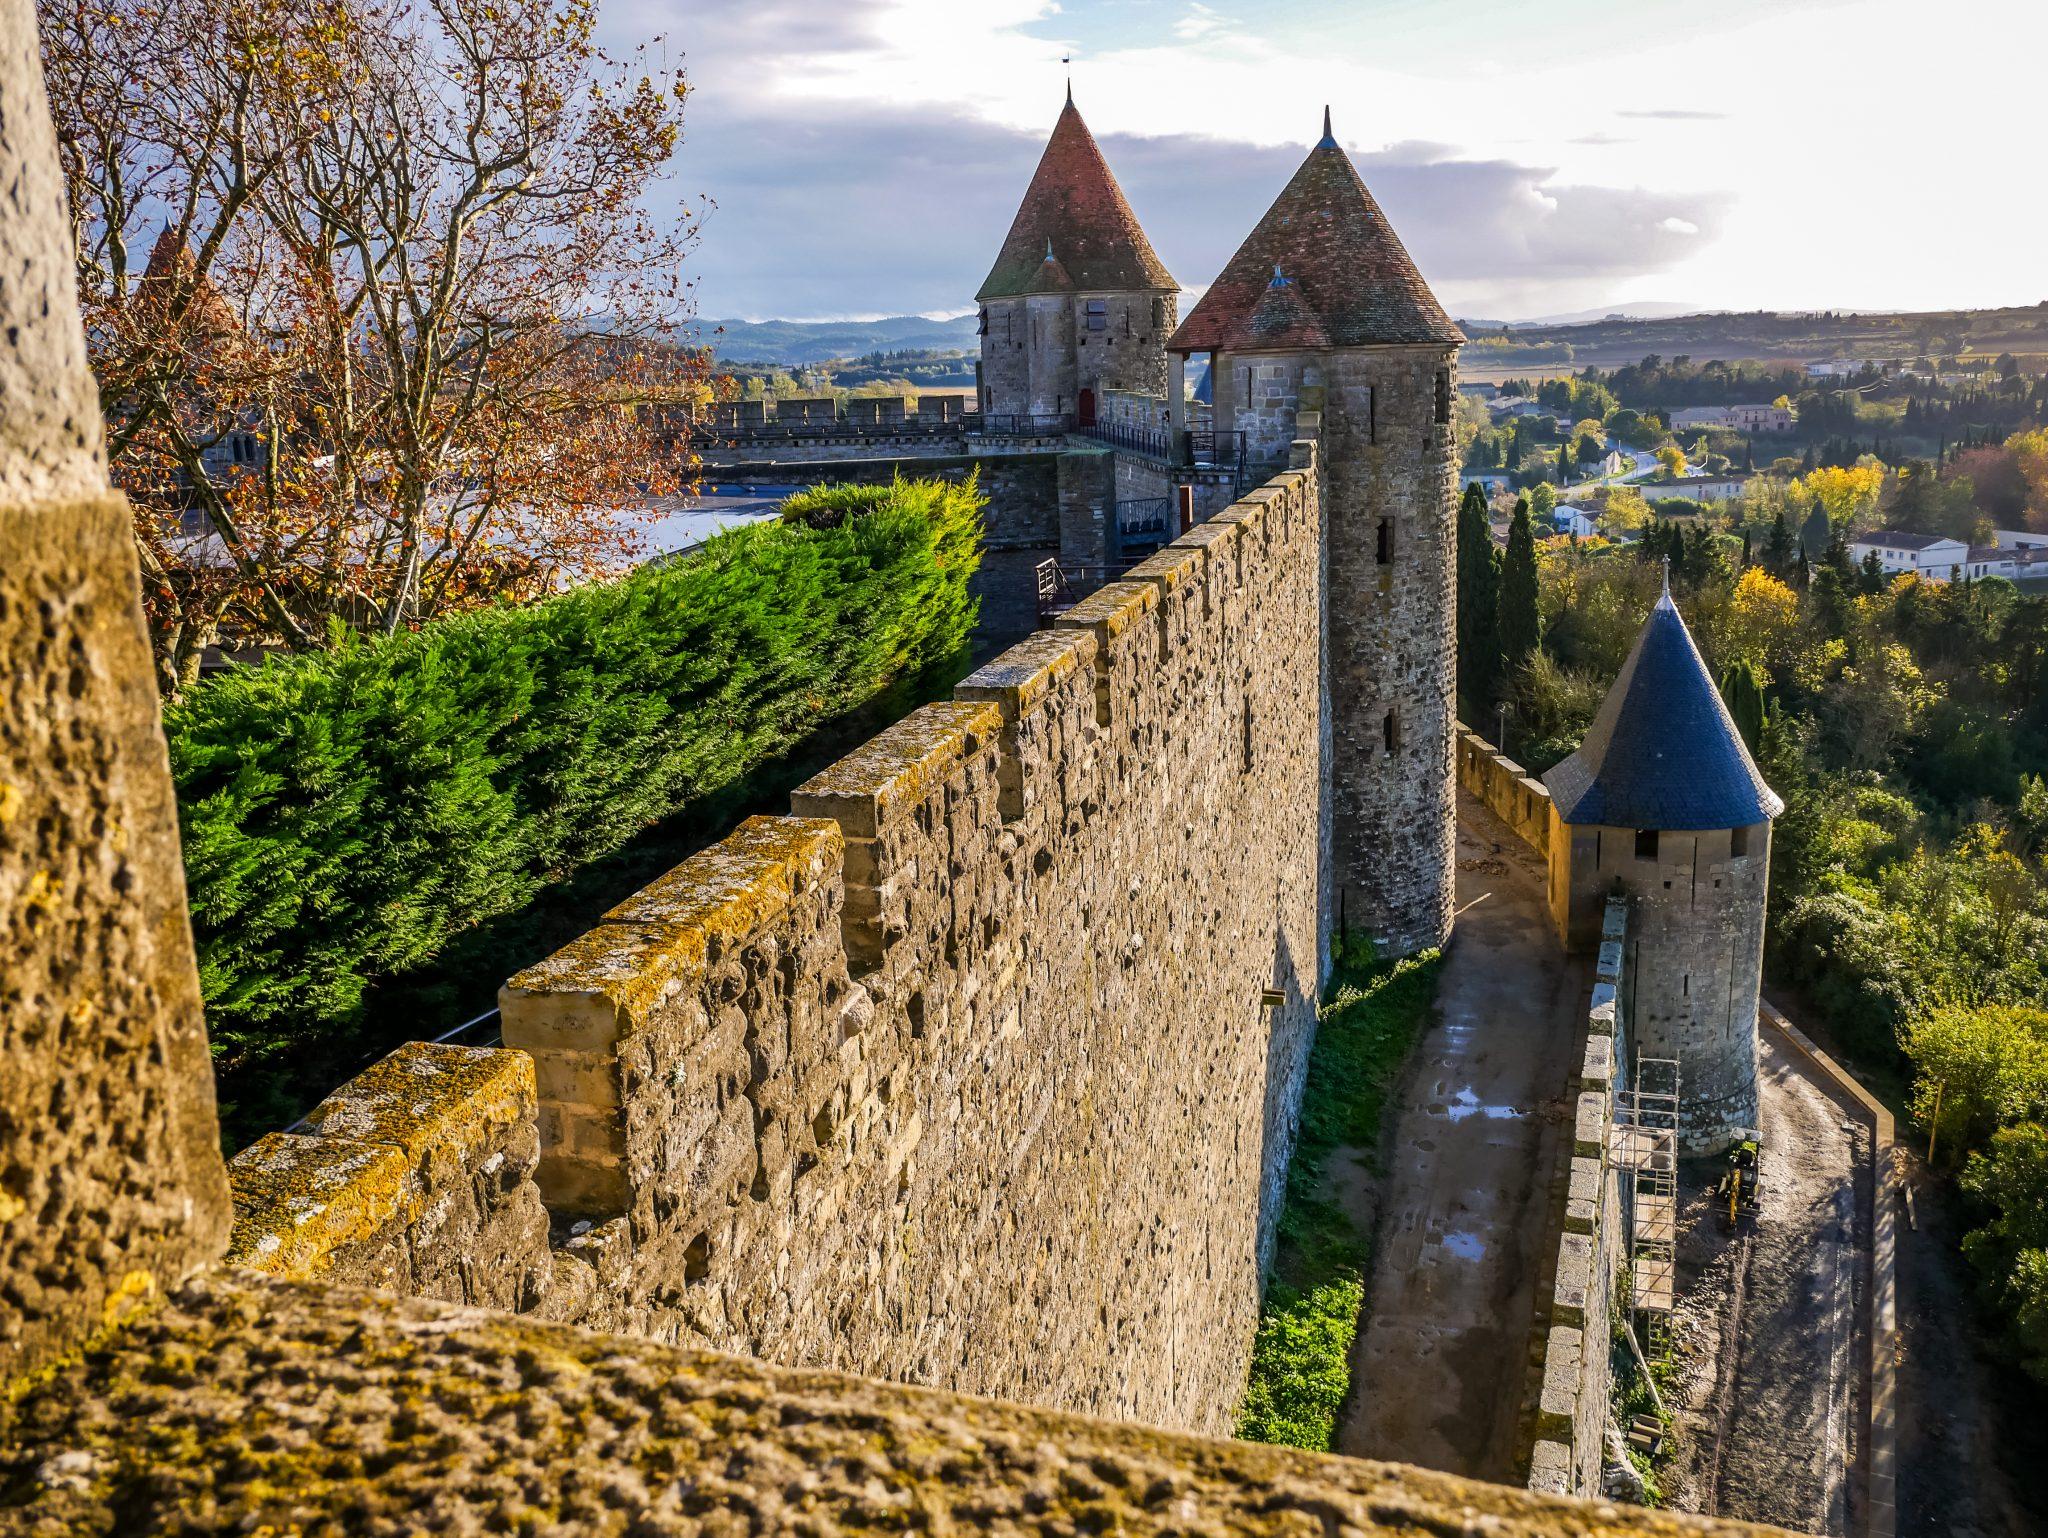 Die Festung (Cité de Carcassonne)thront majestätisch auf einem Hügel.